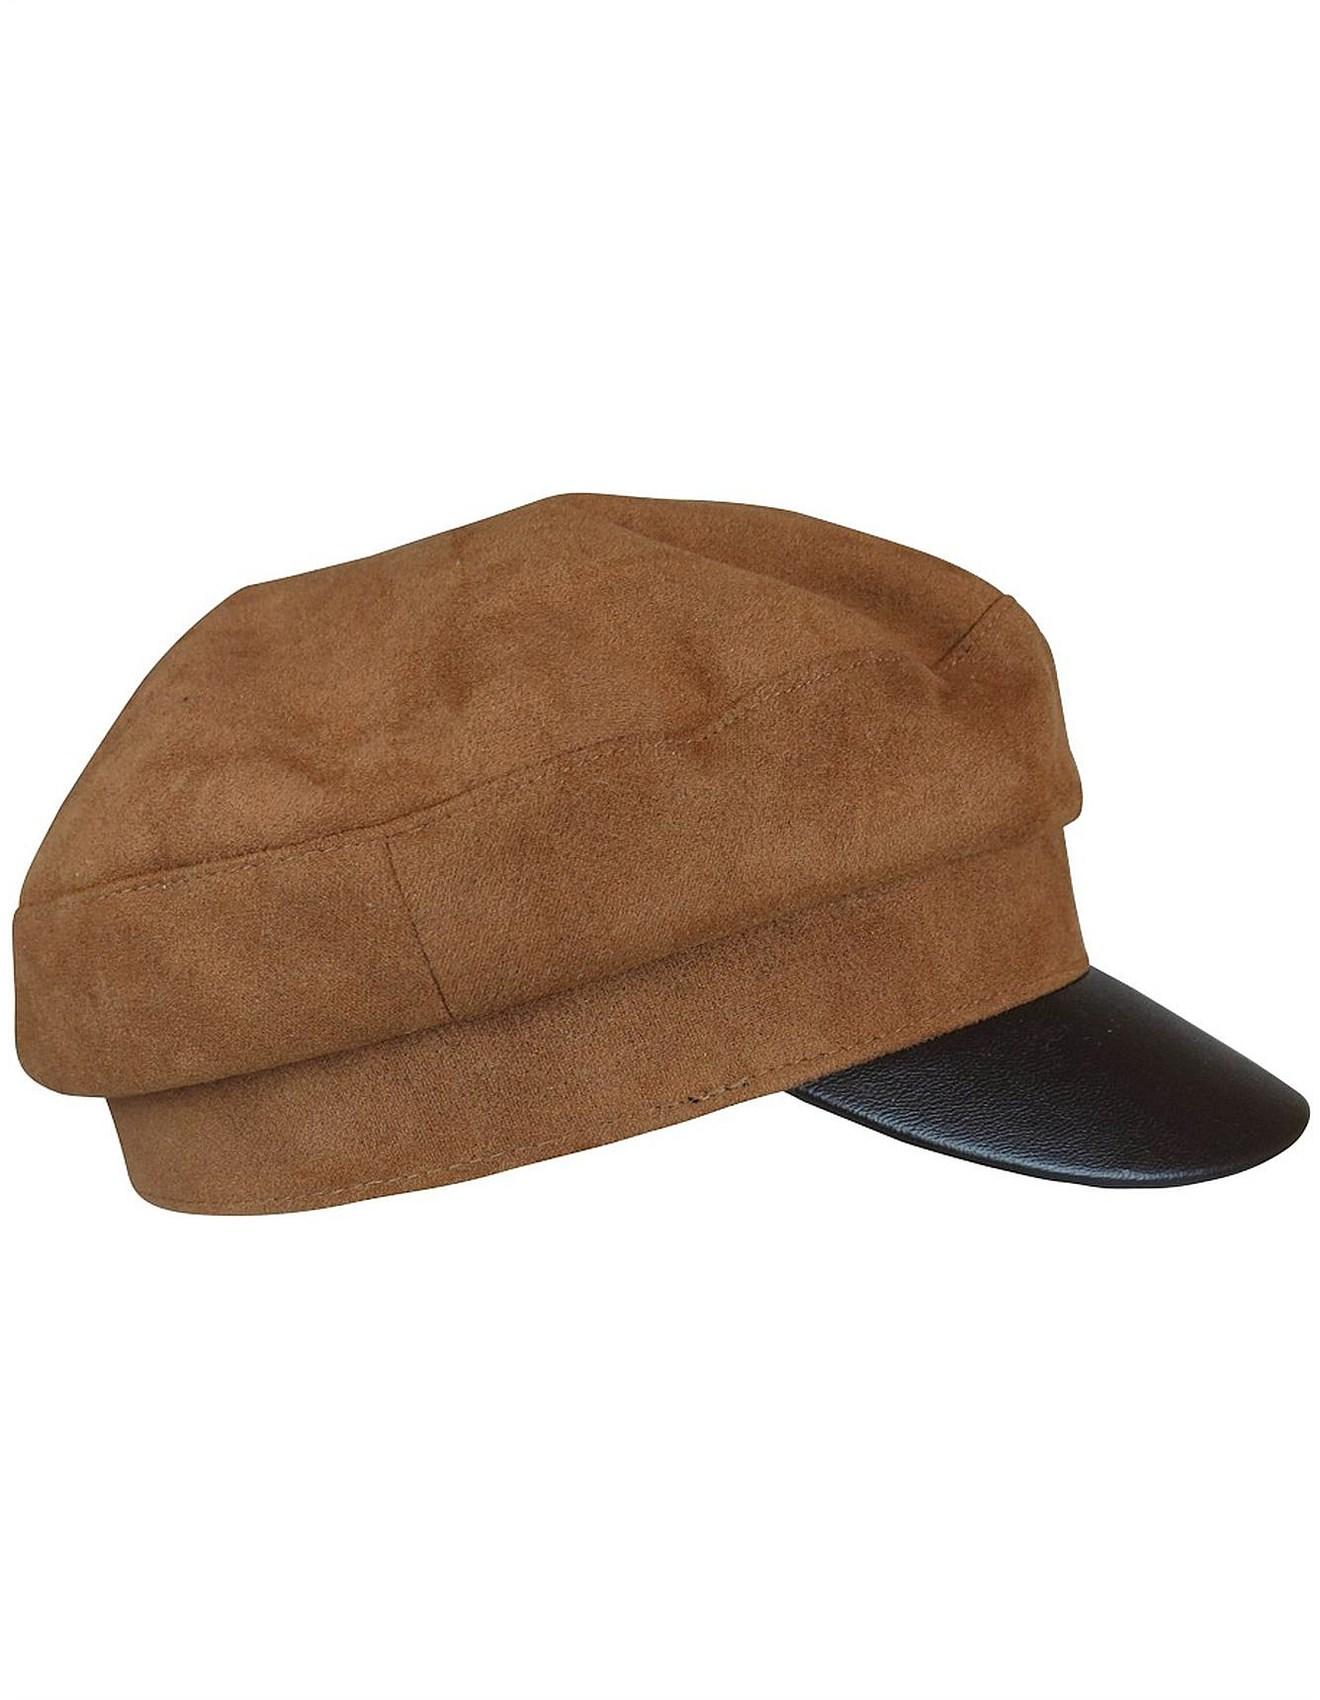 ae324ac7475 Brown suedette cap with PU brim